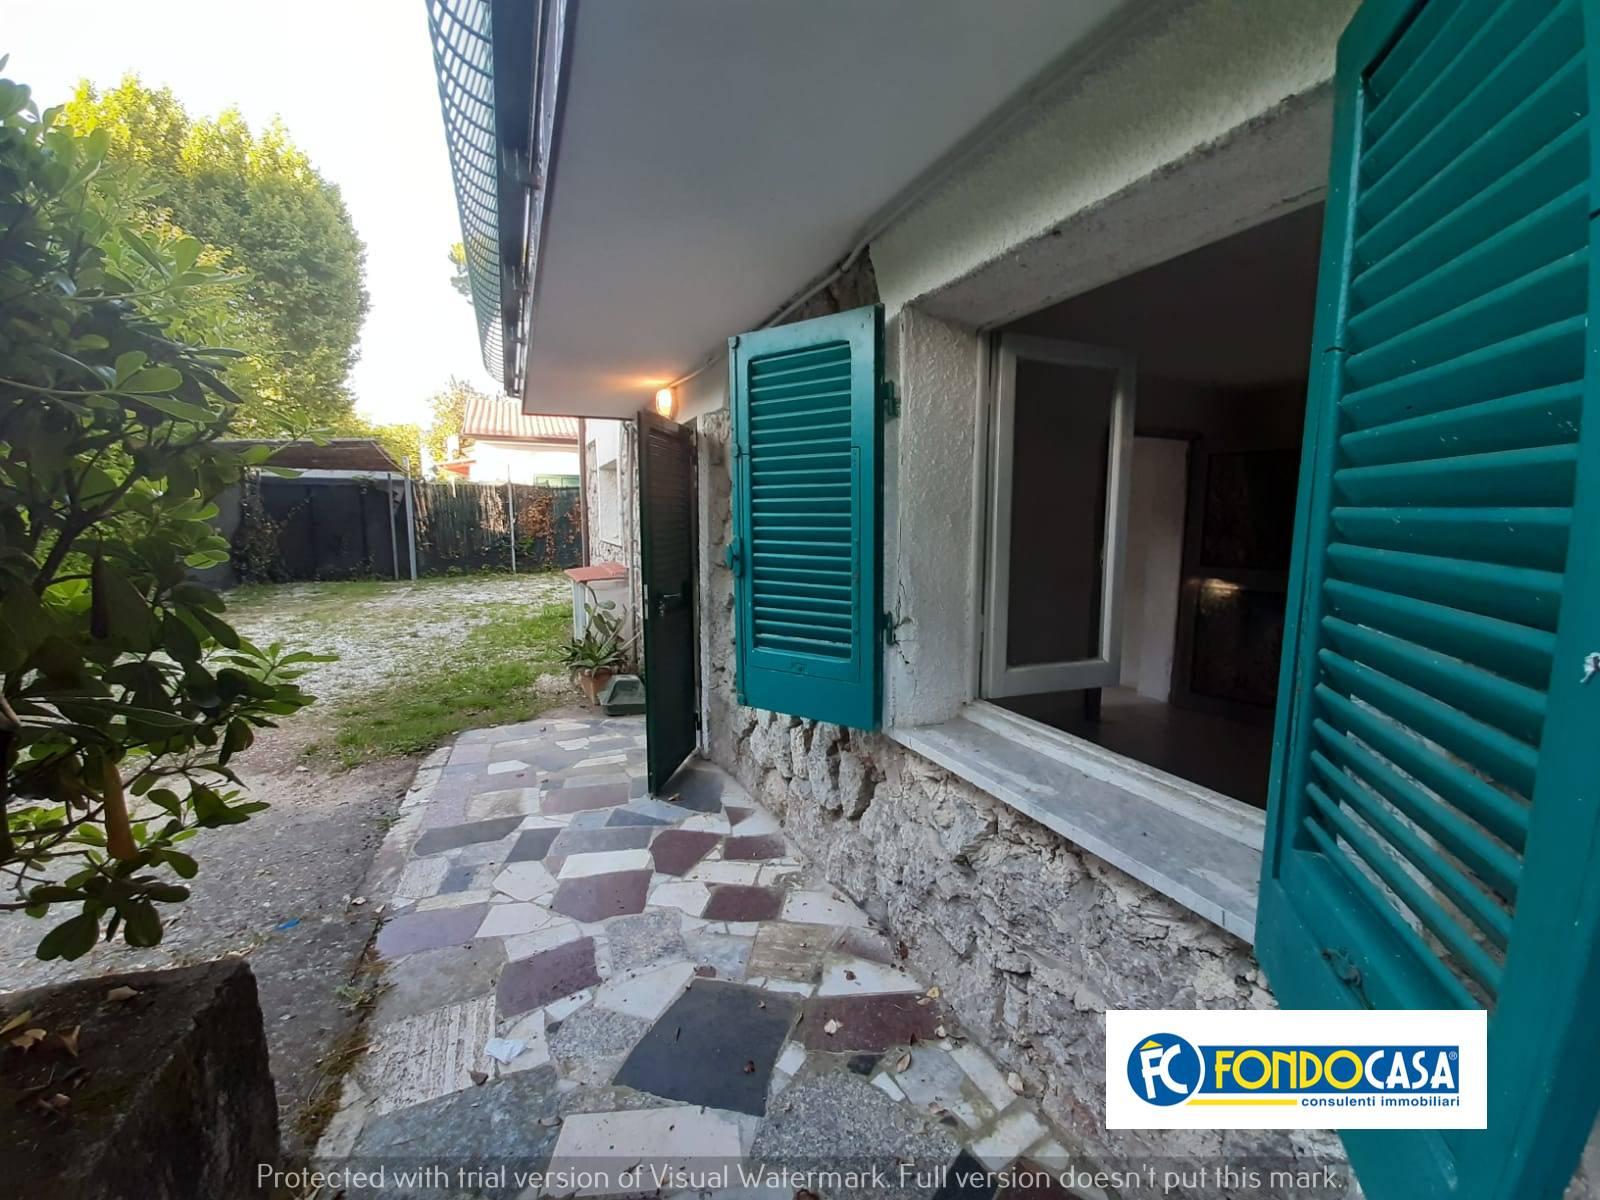 Appartamento in vendita a Montignoso, 3 locali, zona Zona: Cinquale, prezzo € 169.999 | CambioCasa.it